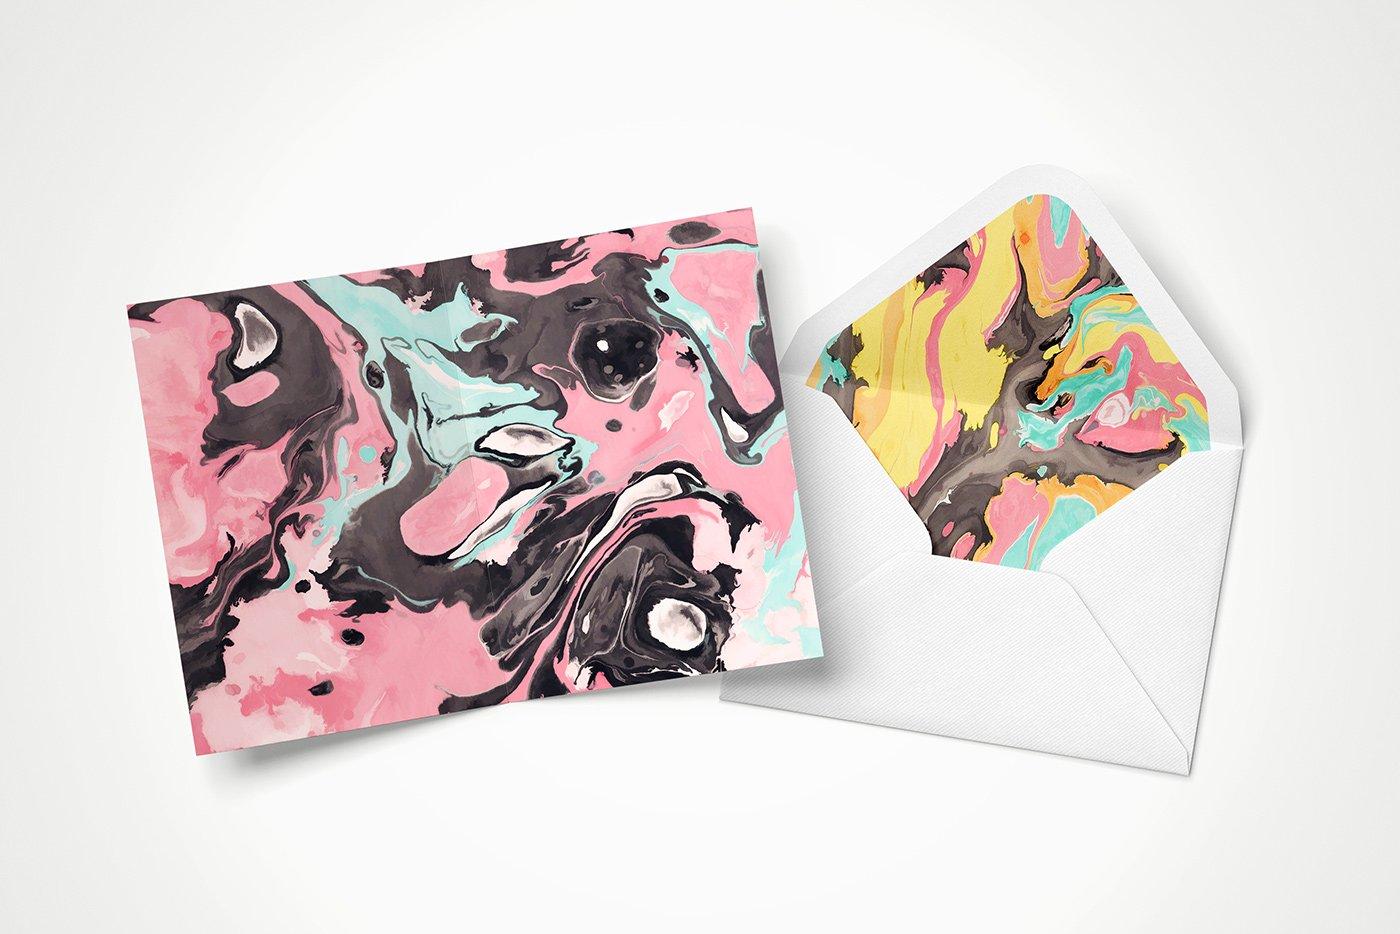 50款高清炫彩液体流动大理石装饰背景纹理图片素材 Marble Paint Textures & Backgrounds插图(2)